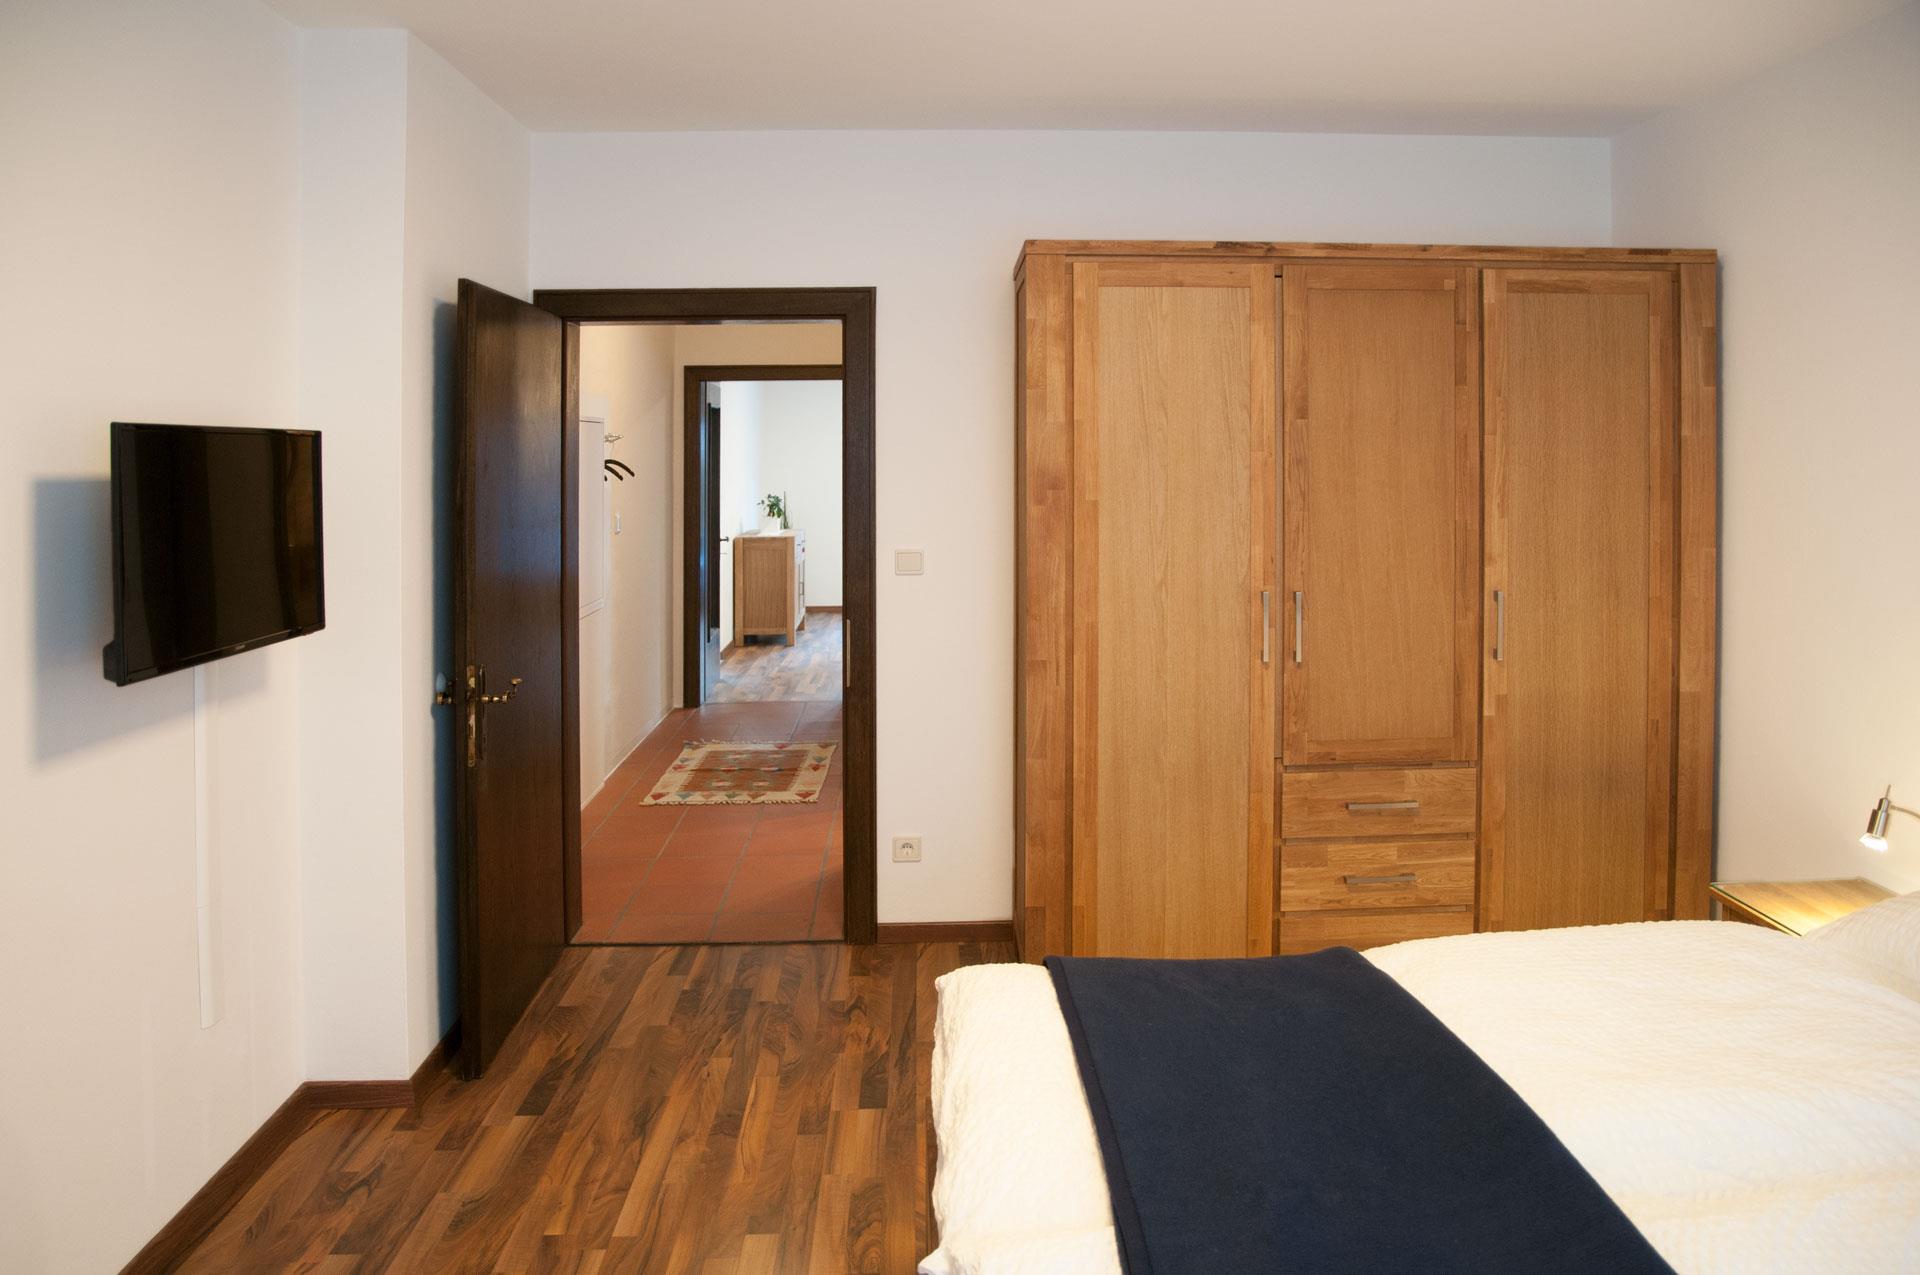 Apartment Kraus, Sterzing, Südtirol, Schlafzimmer